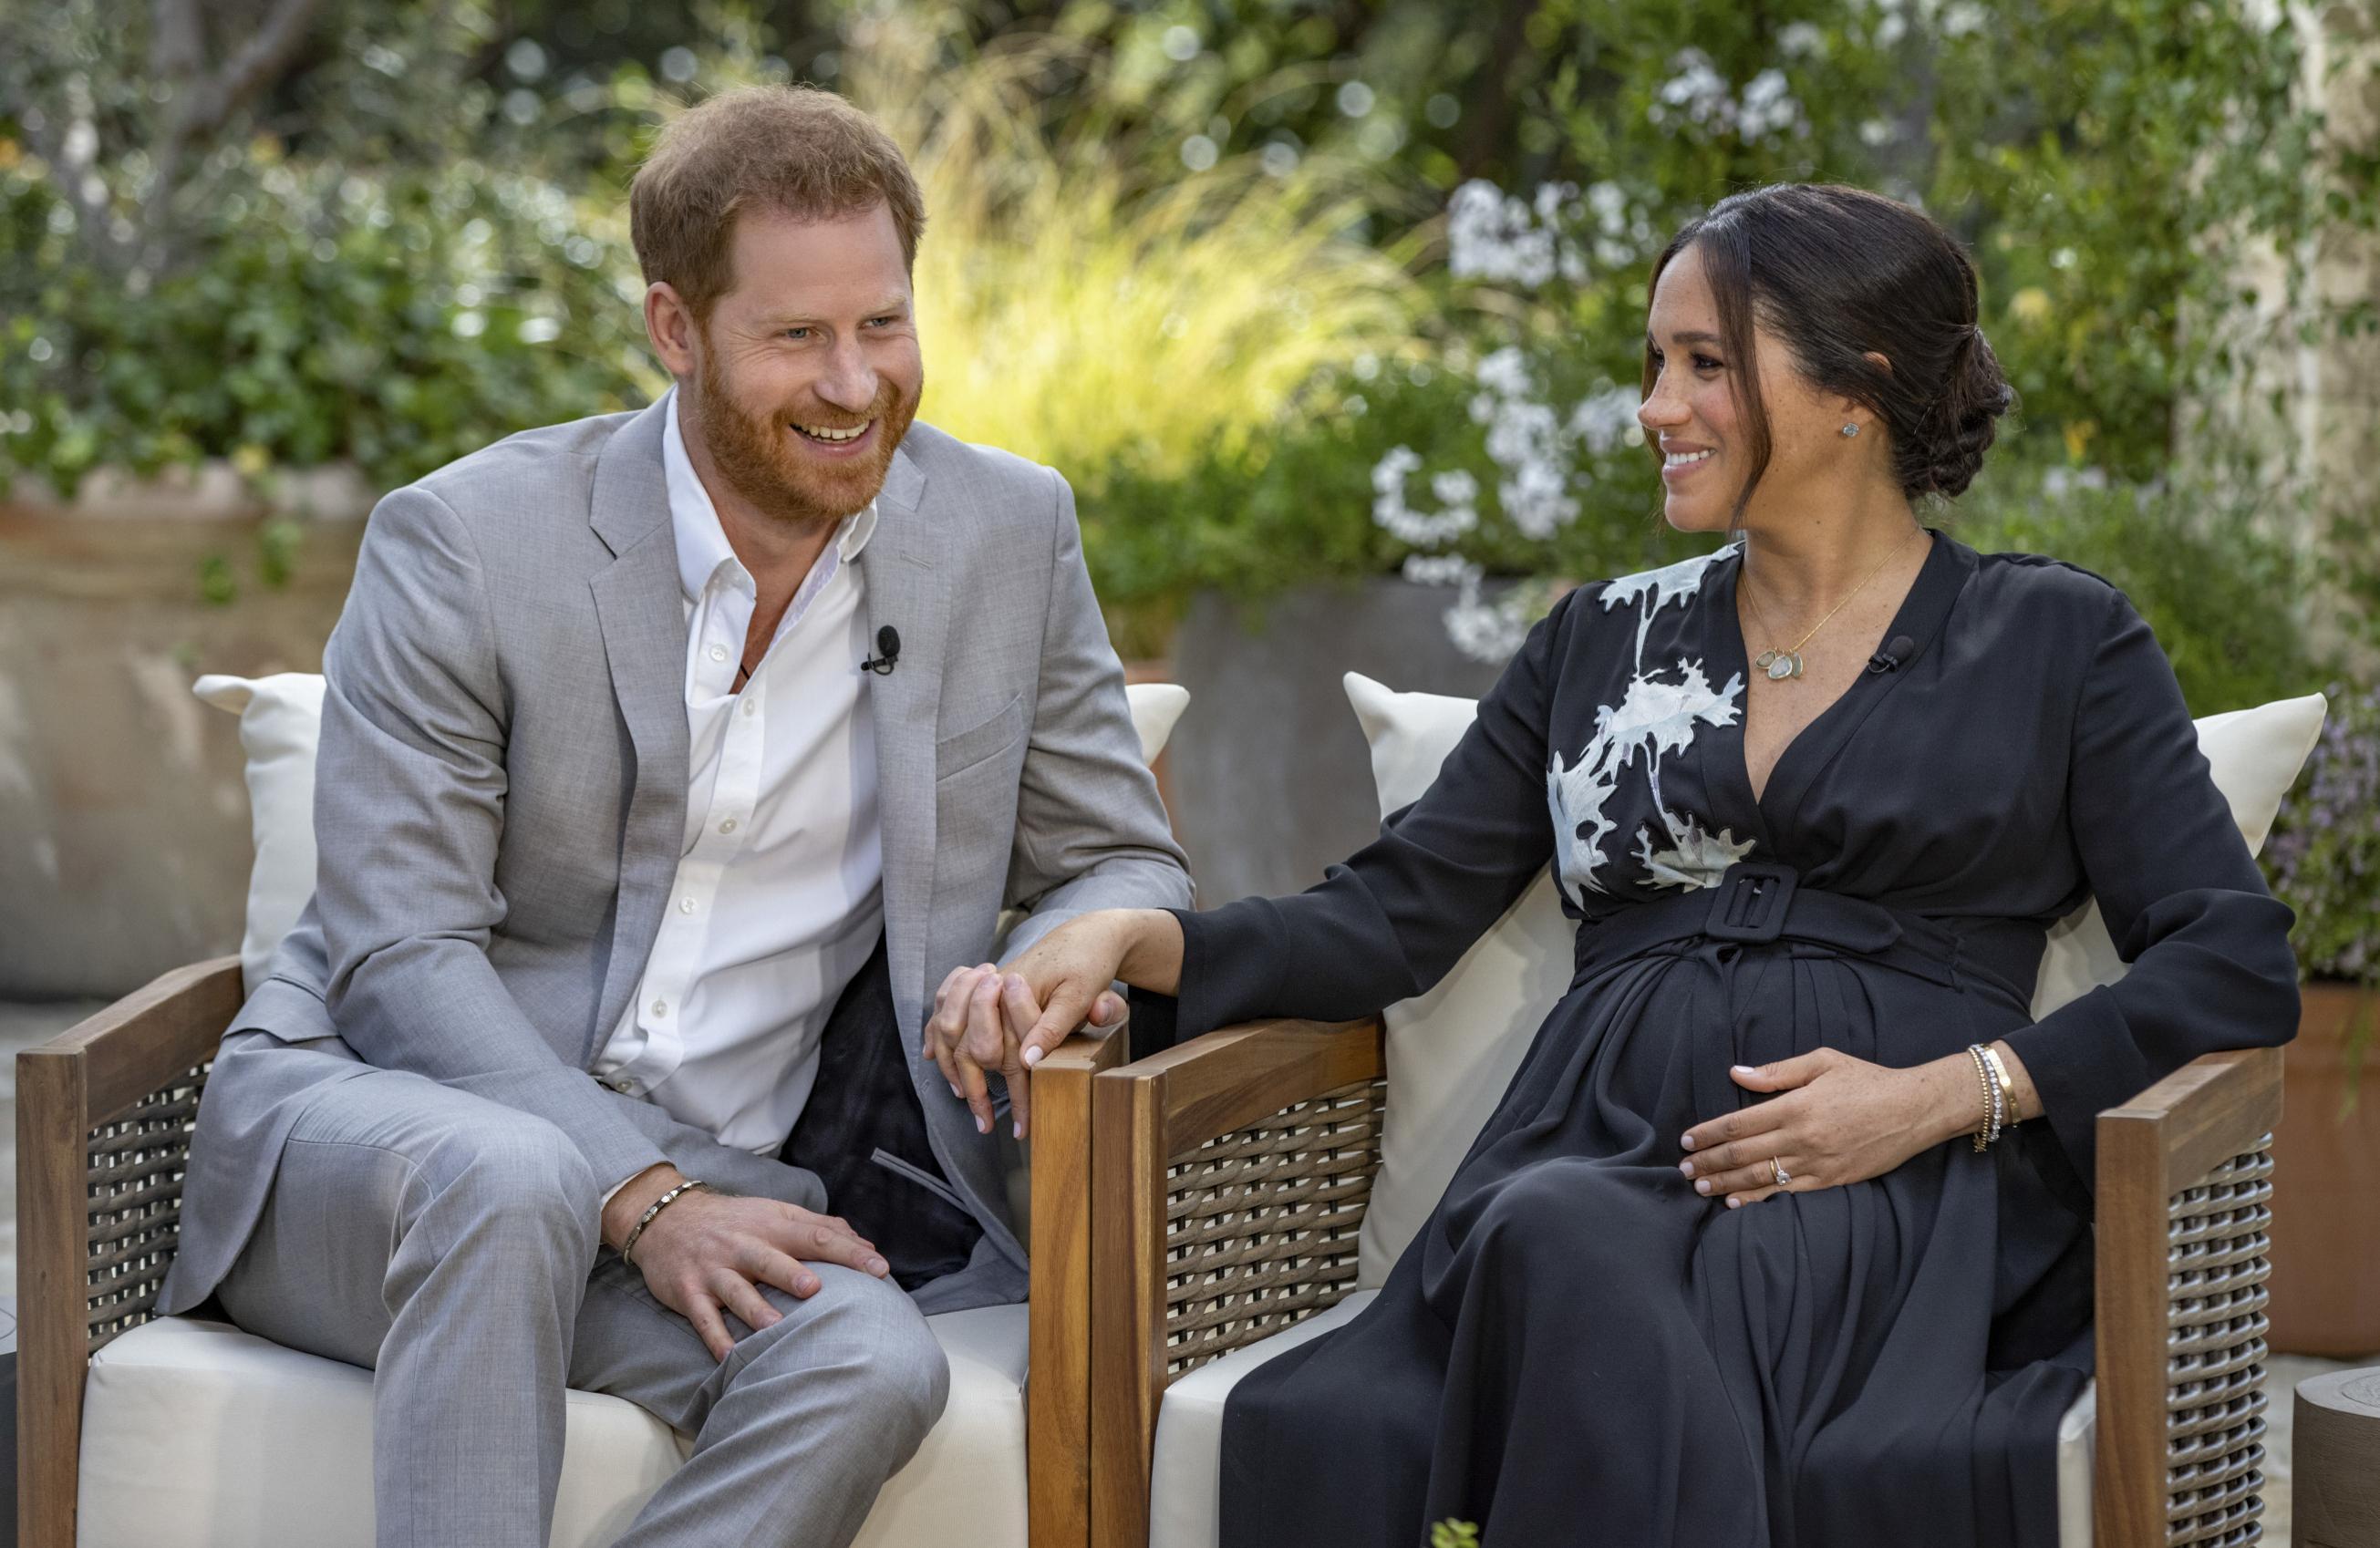 Er komt een einde aan de geloofwaardigheid van een Amerikaanse actrice die haar loopbaan opgeeft om met een Britse prins te trouwen | commentaar